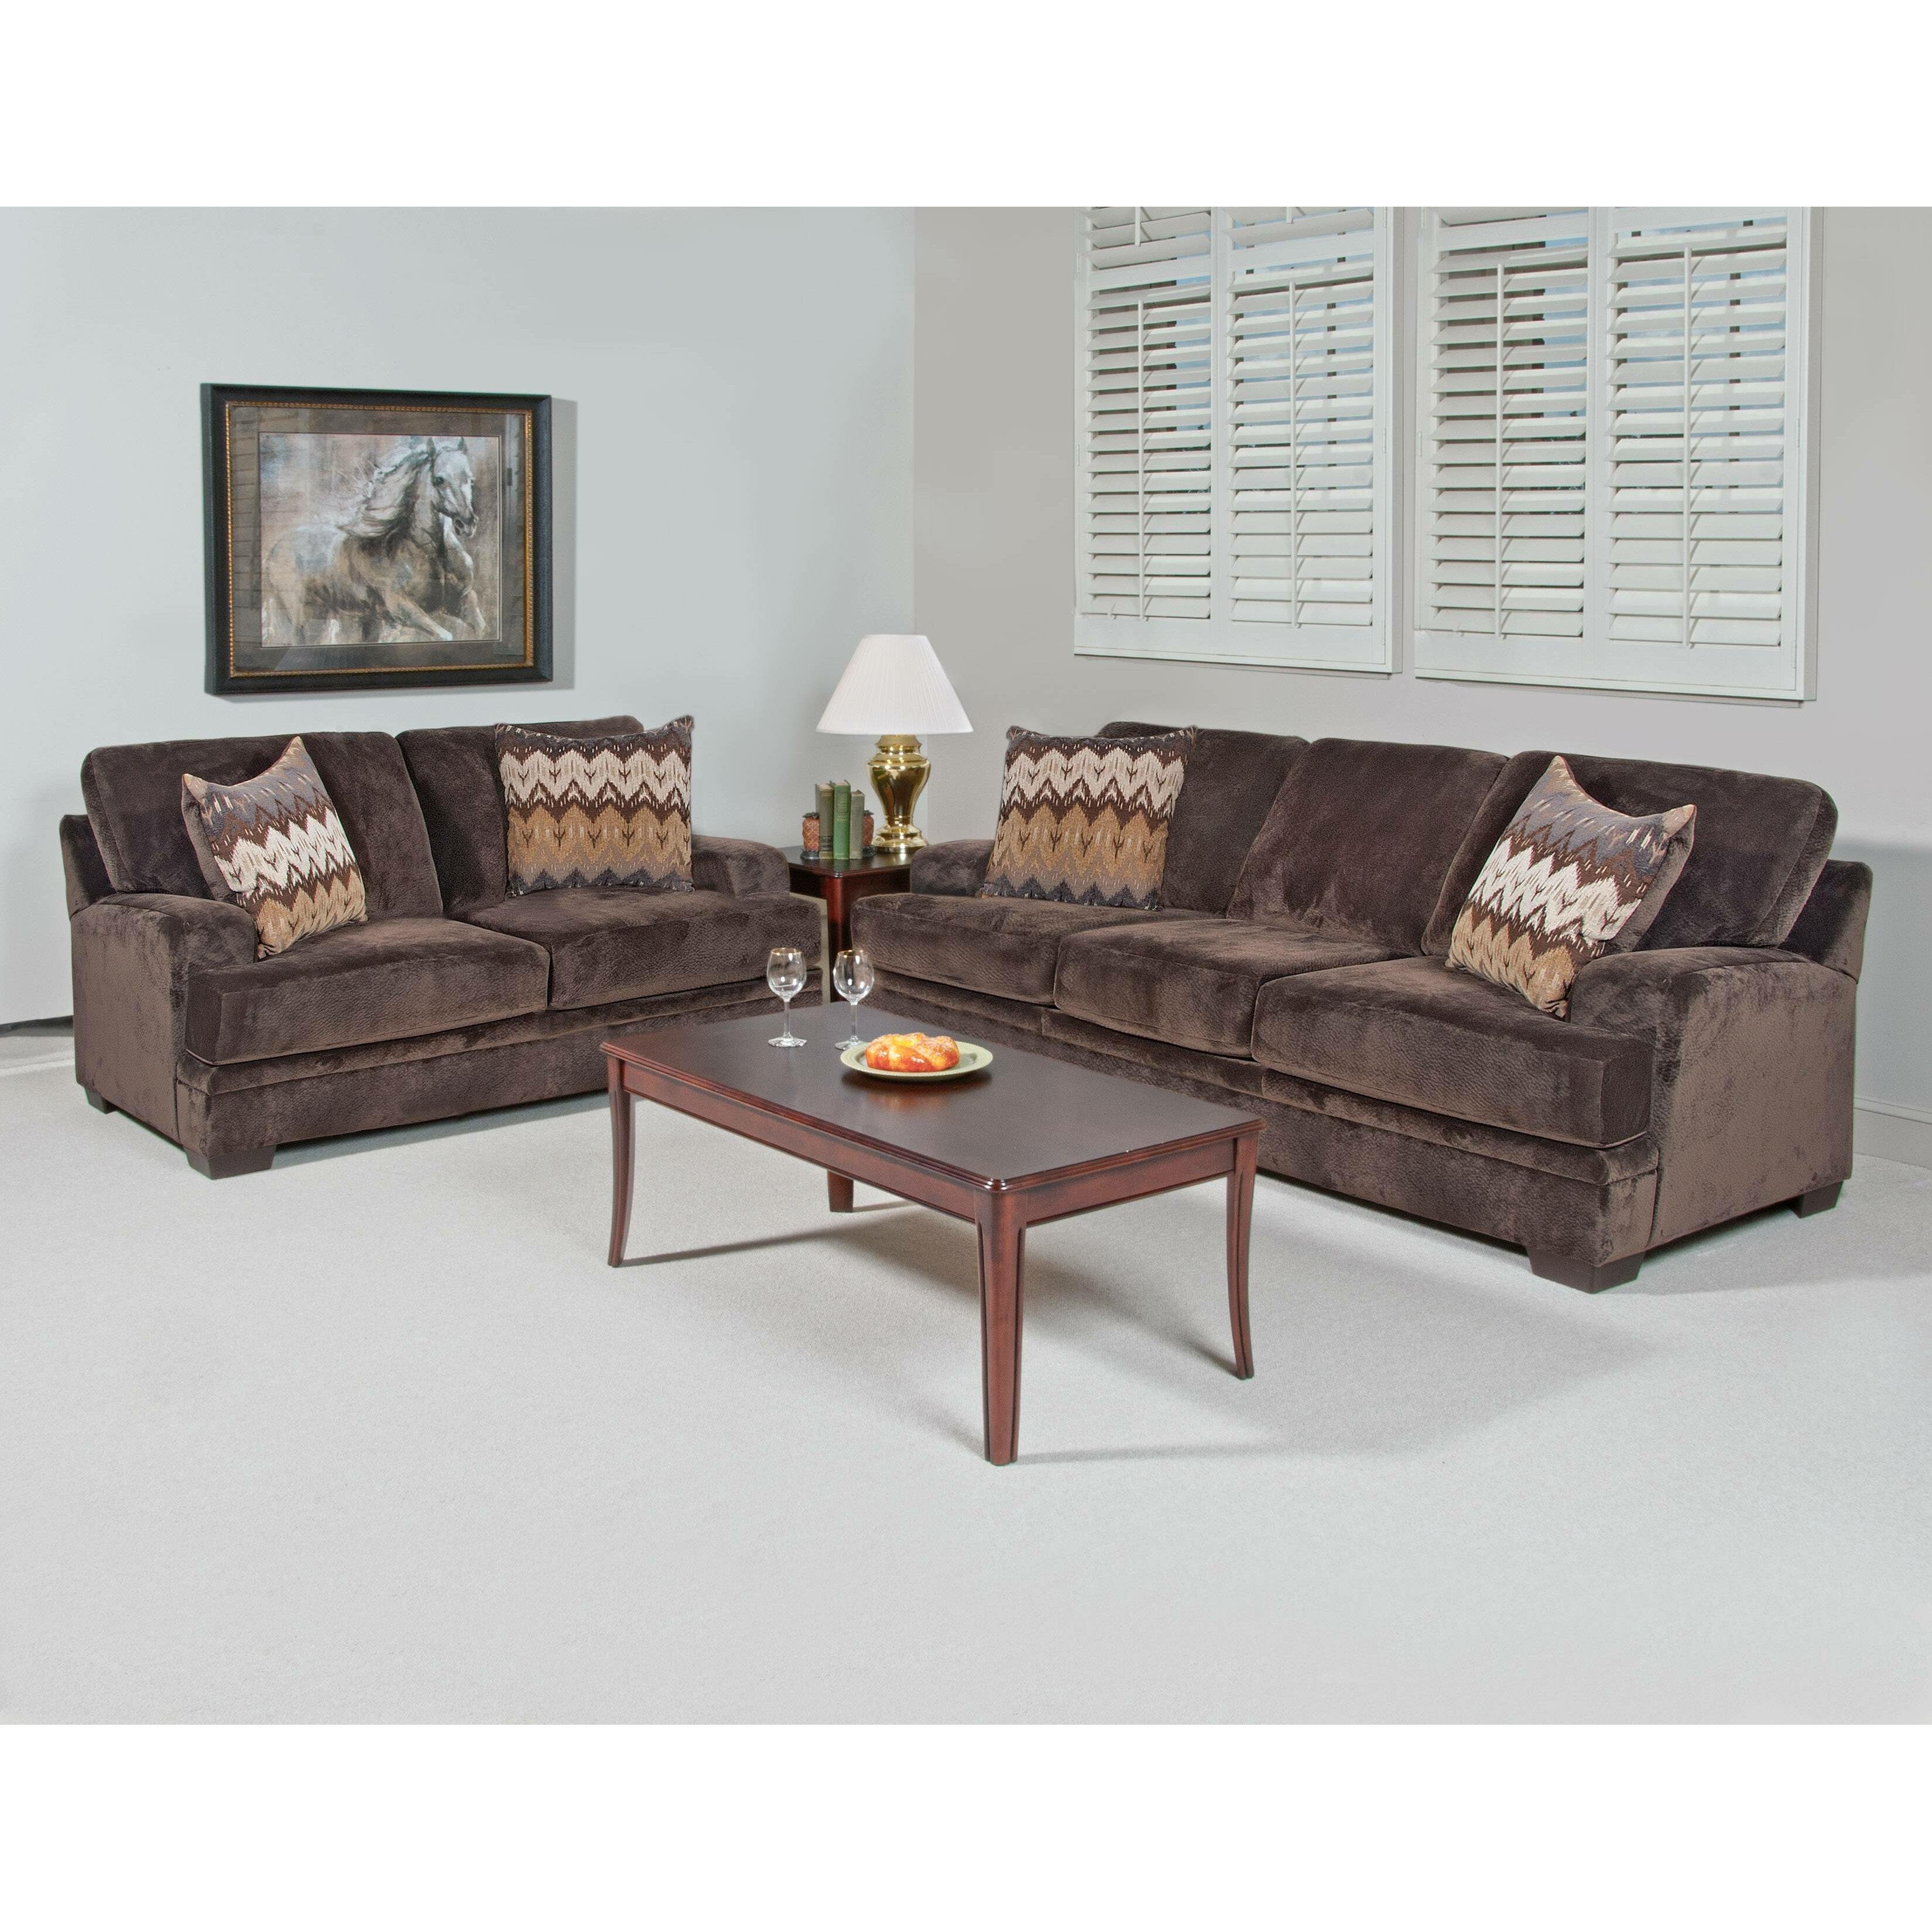 furniture living room furniture modern living room sets serta